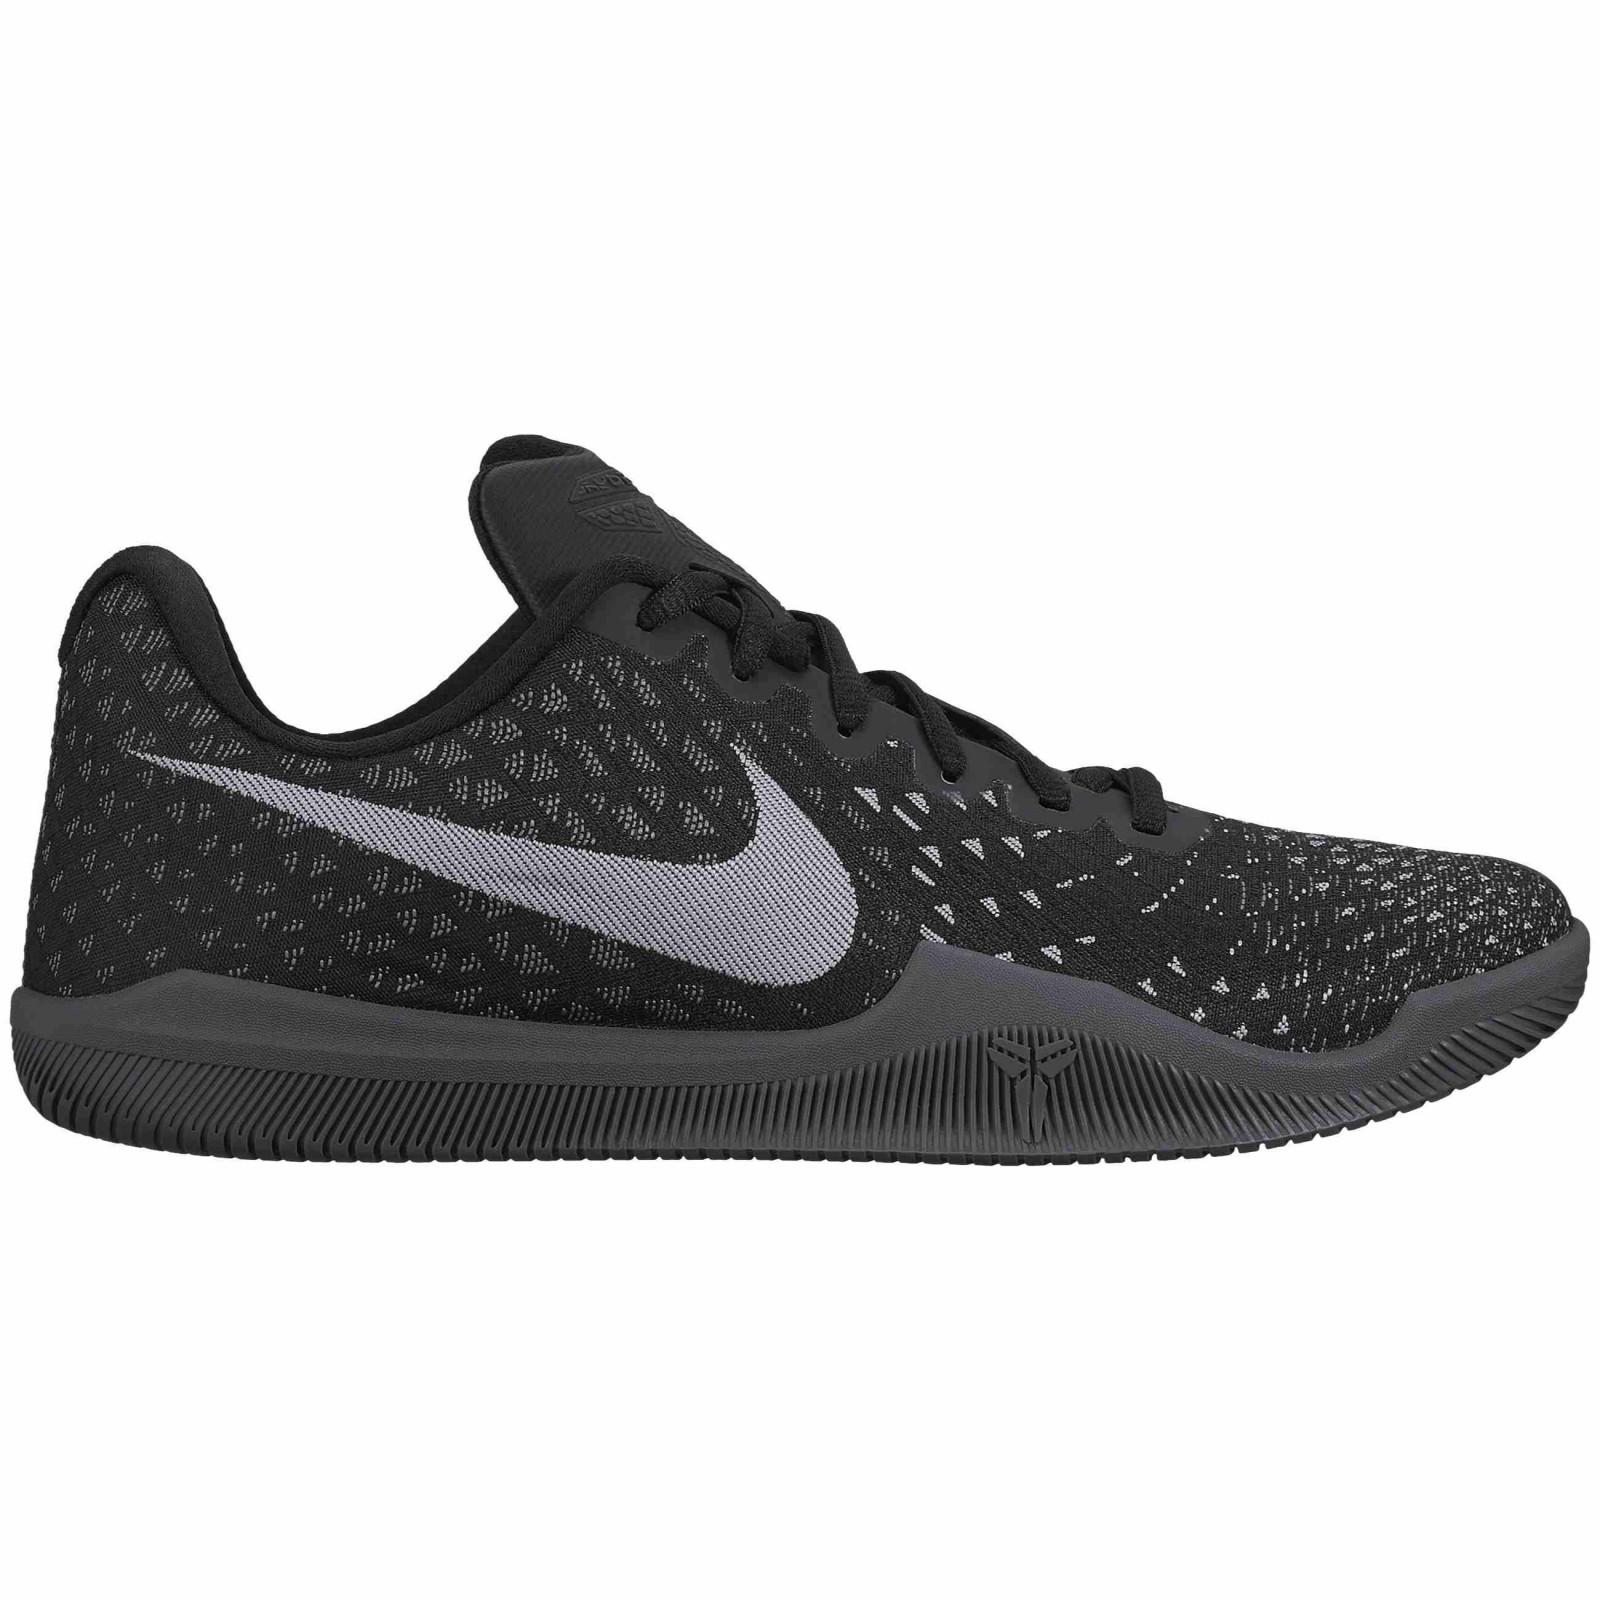 0d0fdb980f0 Pánské basketbalové boty boty Nike MAMBA INSTINCT